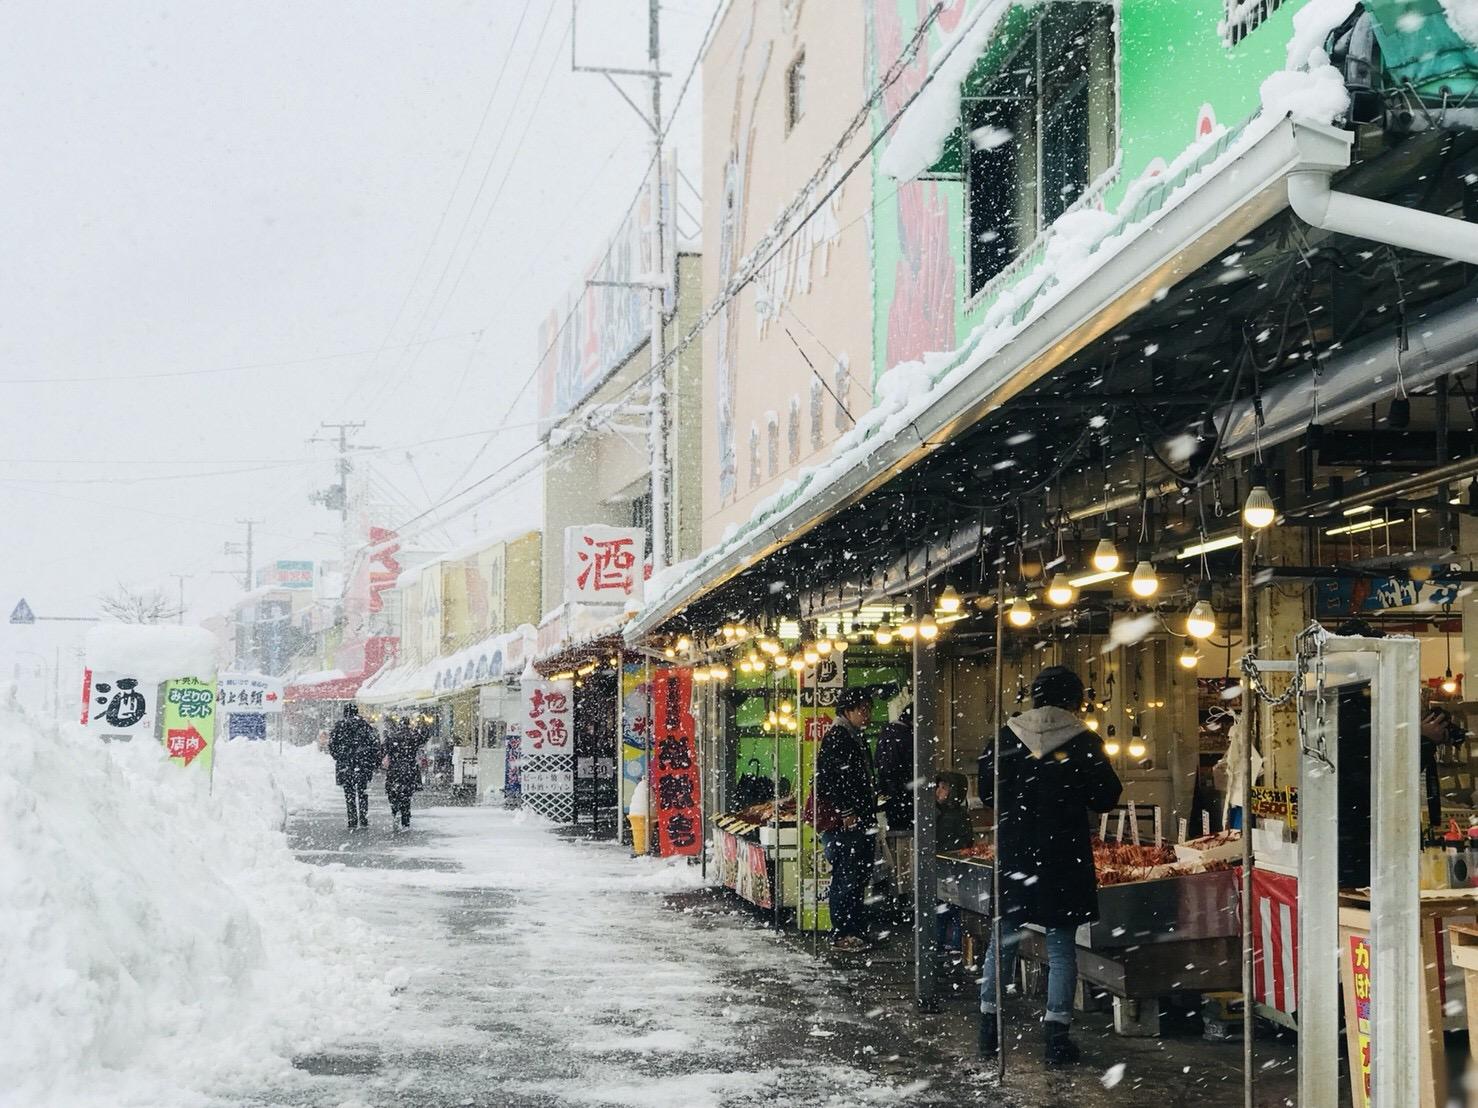 新潟県寺泊の魚市場通り